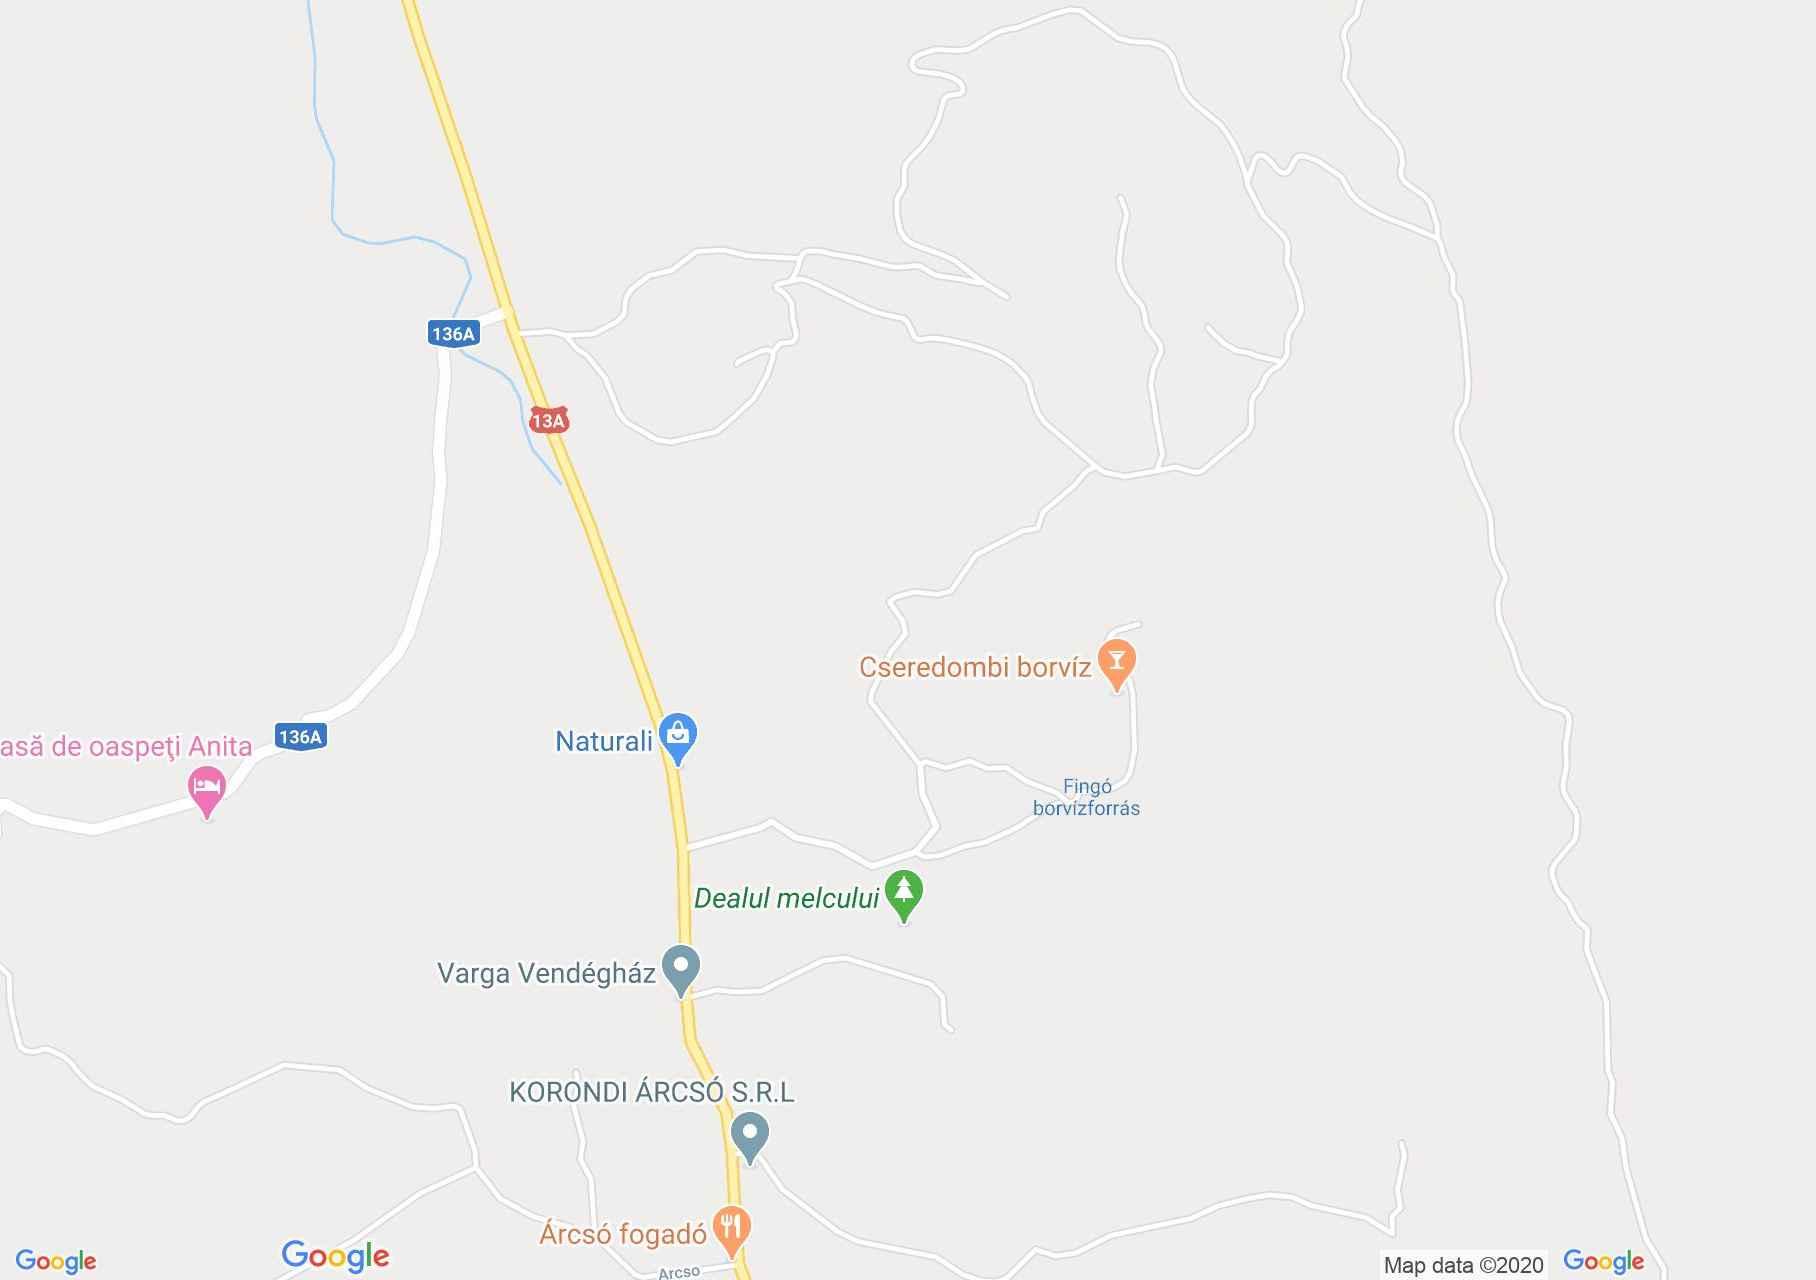 Korond: Csigadomb (térkép)